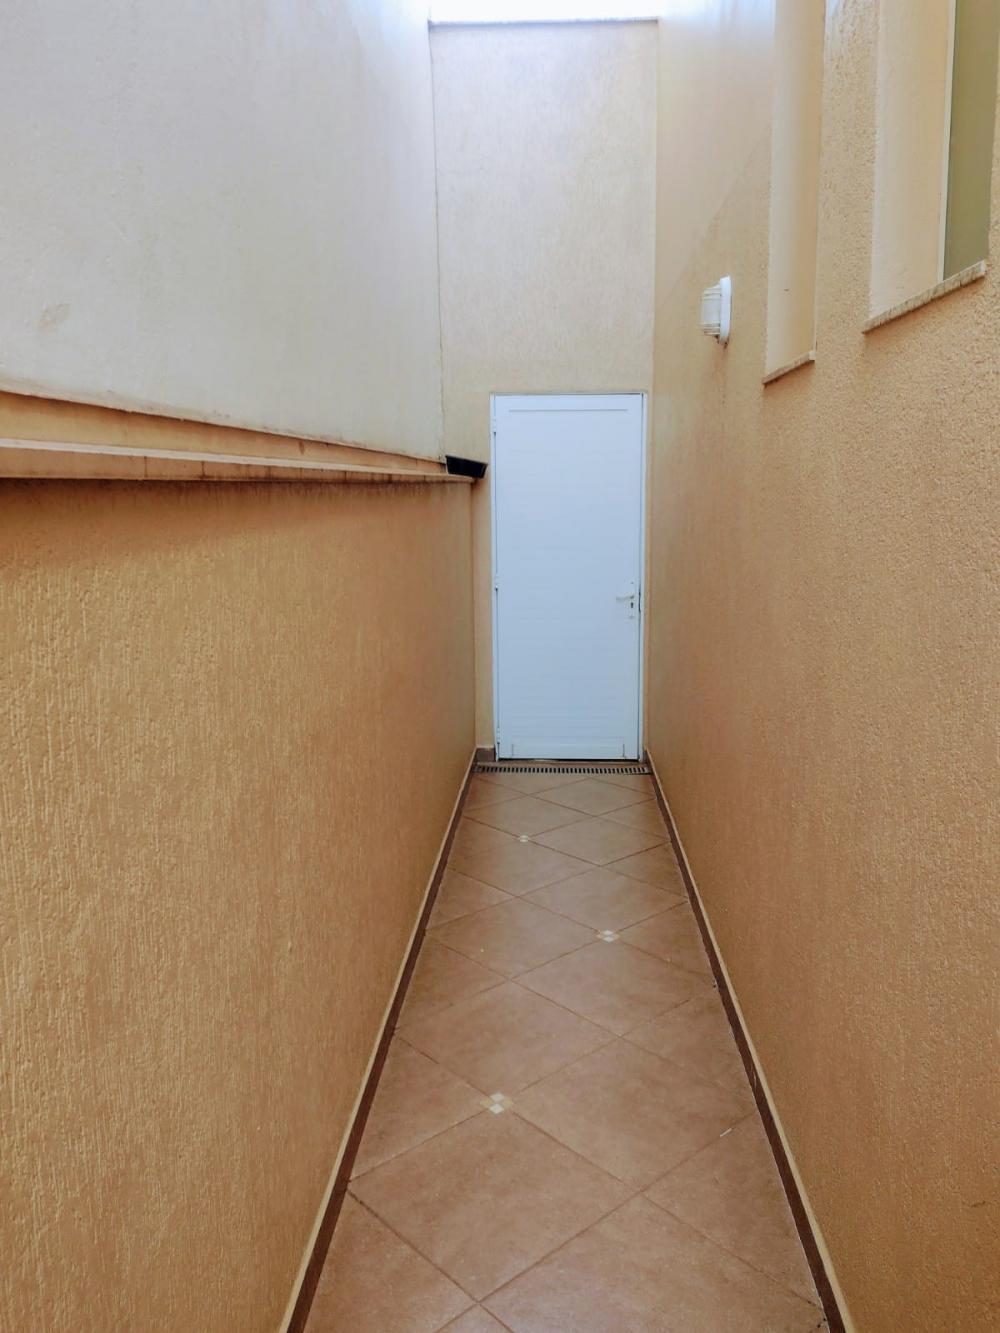 Belo sobrado em condomínio contendo ampla sala para 2 ambientes, lavabo, banheiro social com box em vidro temperado, cozinha planejada, 3 suítes sendo 1 master com closet, ar condicionado  em todos os dormitórios, fino acabamento.  Piscina aquecida, área gourmet e 2 vagas de garagem cobertas. Aceita financiamento.